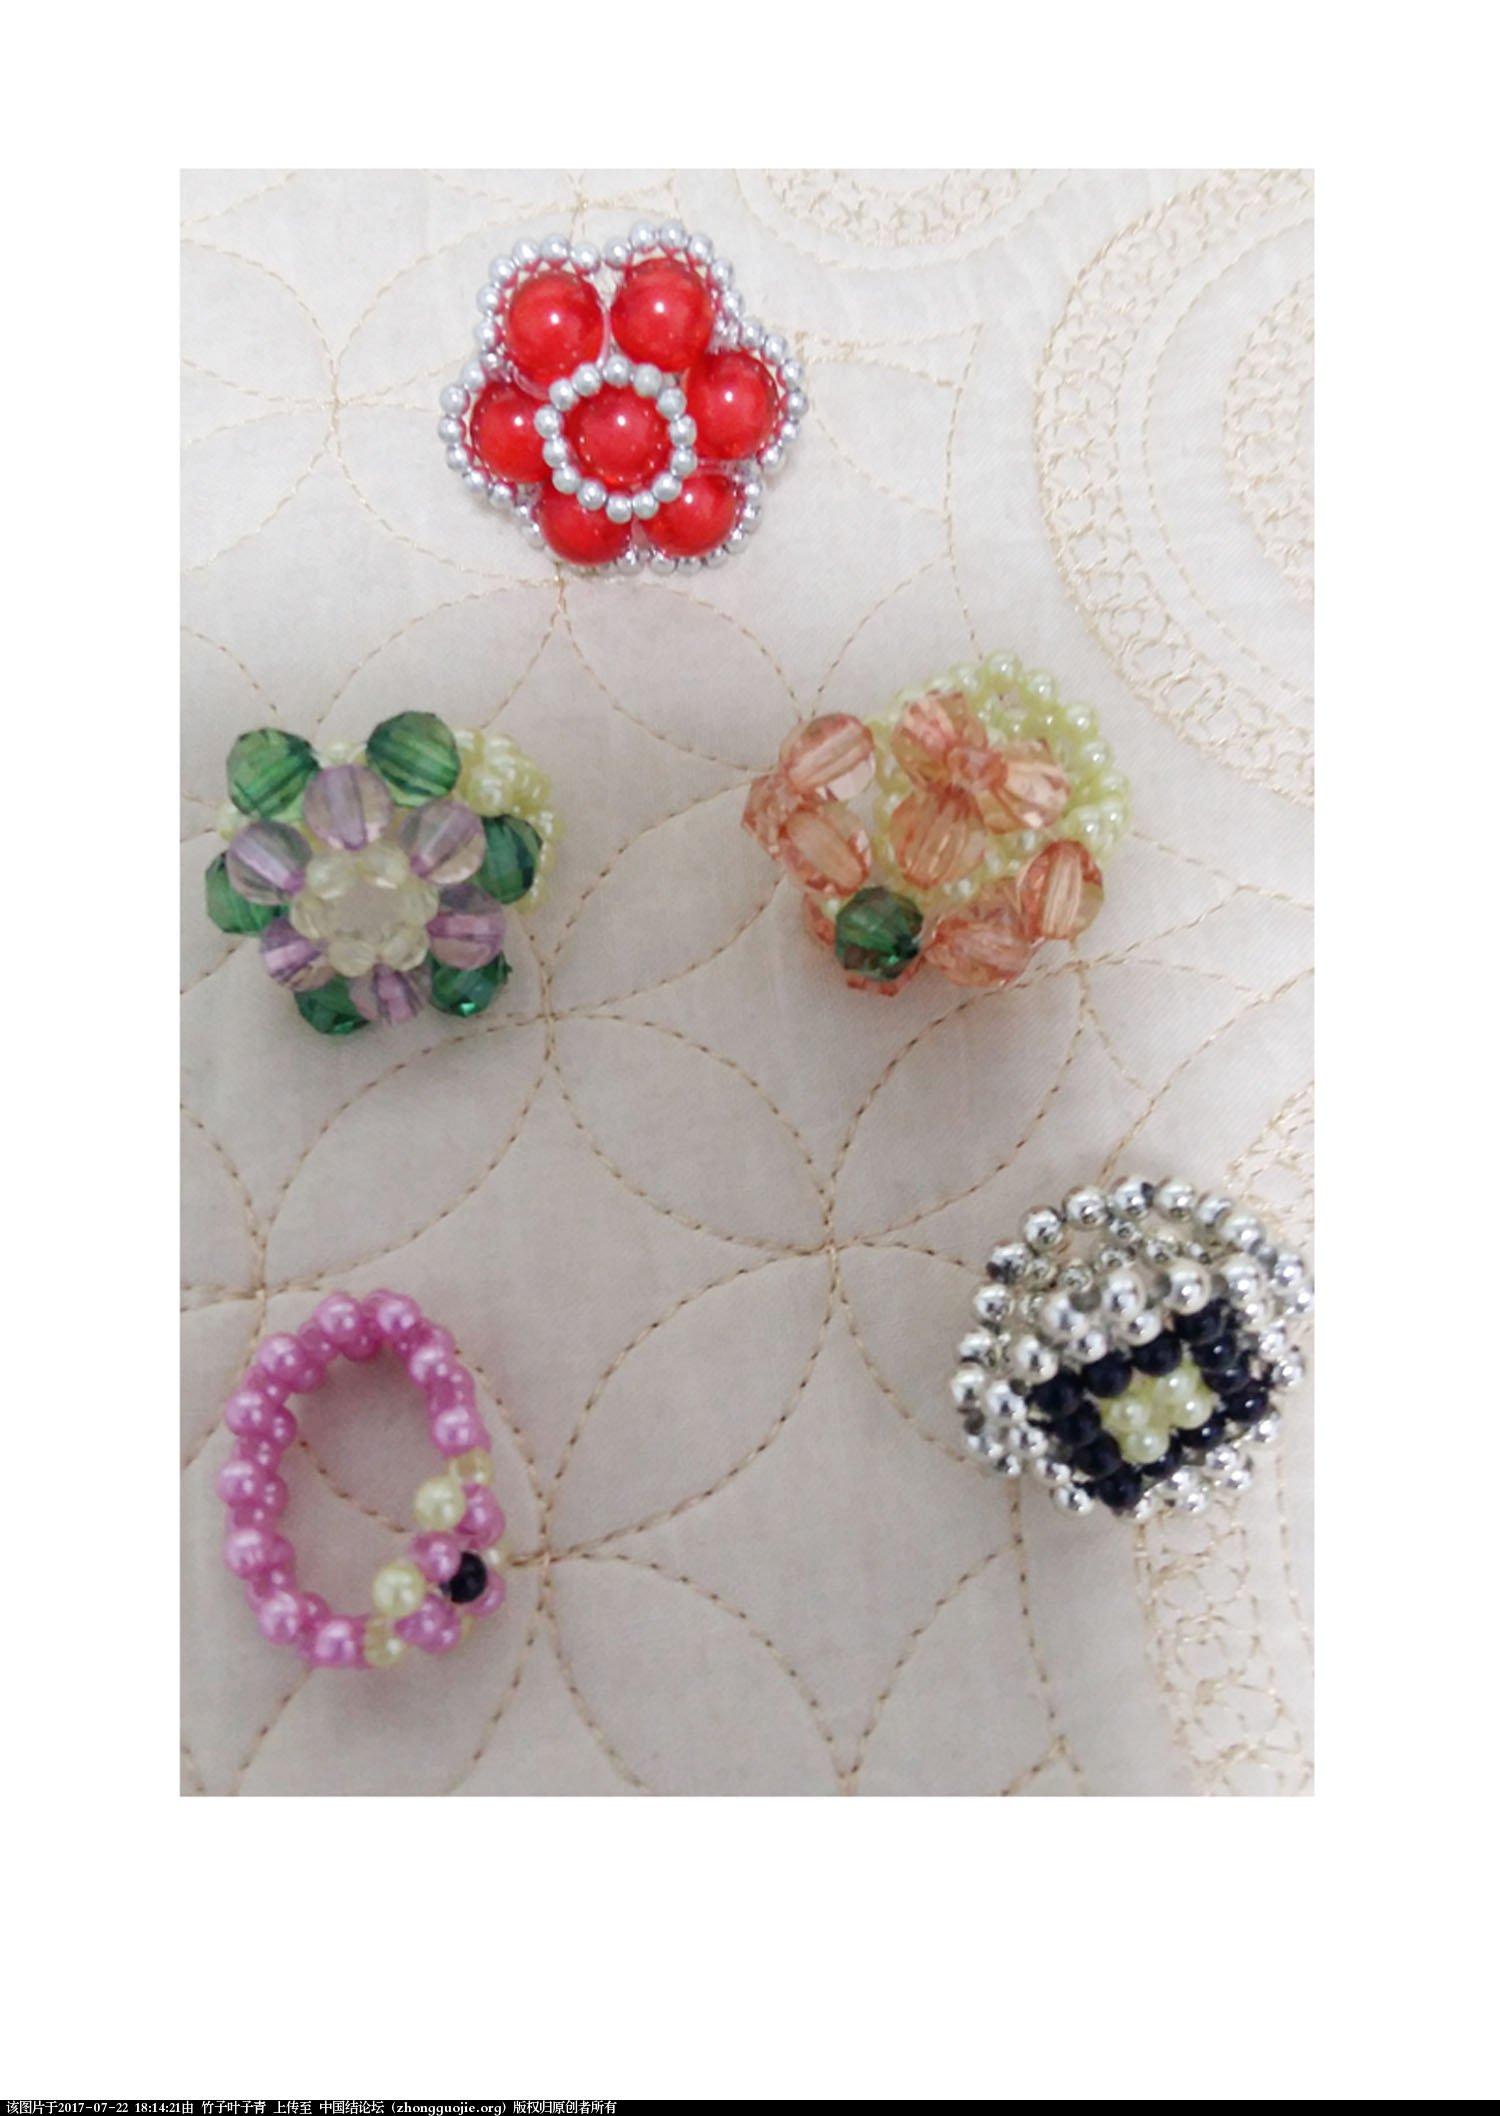 中国结论坛 与大家分享几款串珠戒指,球,五角星等。  串珠其他手工资料分享 181307huiua26p0phomz4a